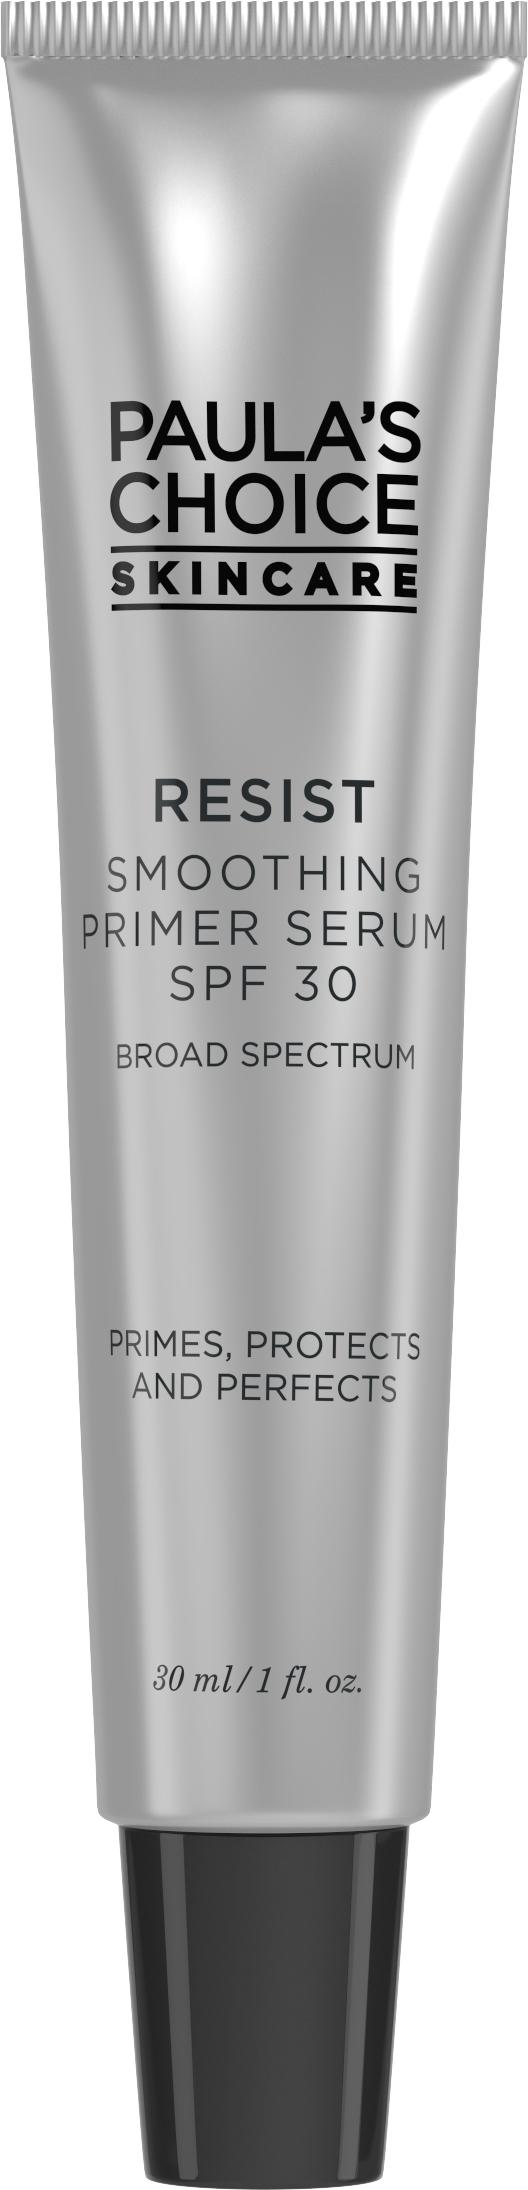 Paula's Choice Resist Smoothing Primer Serum SPF 30